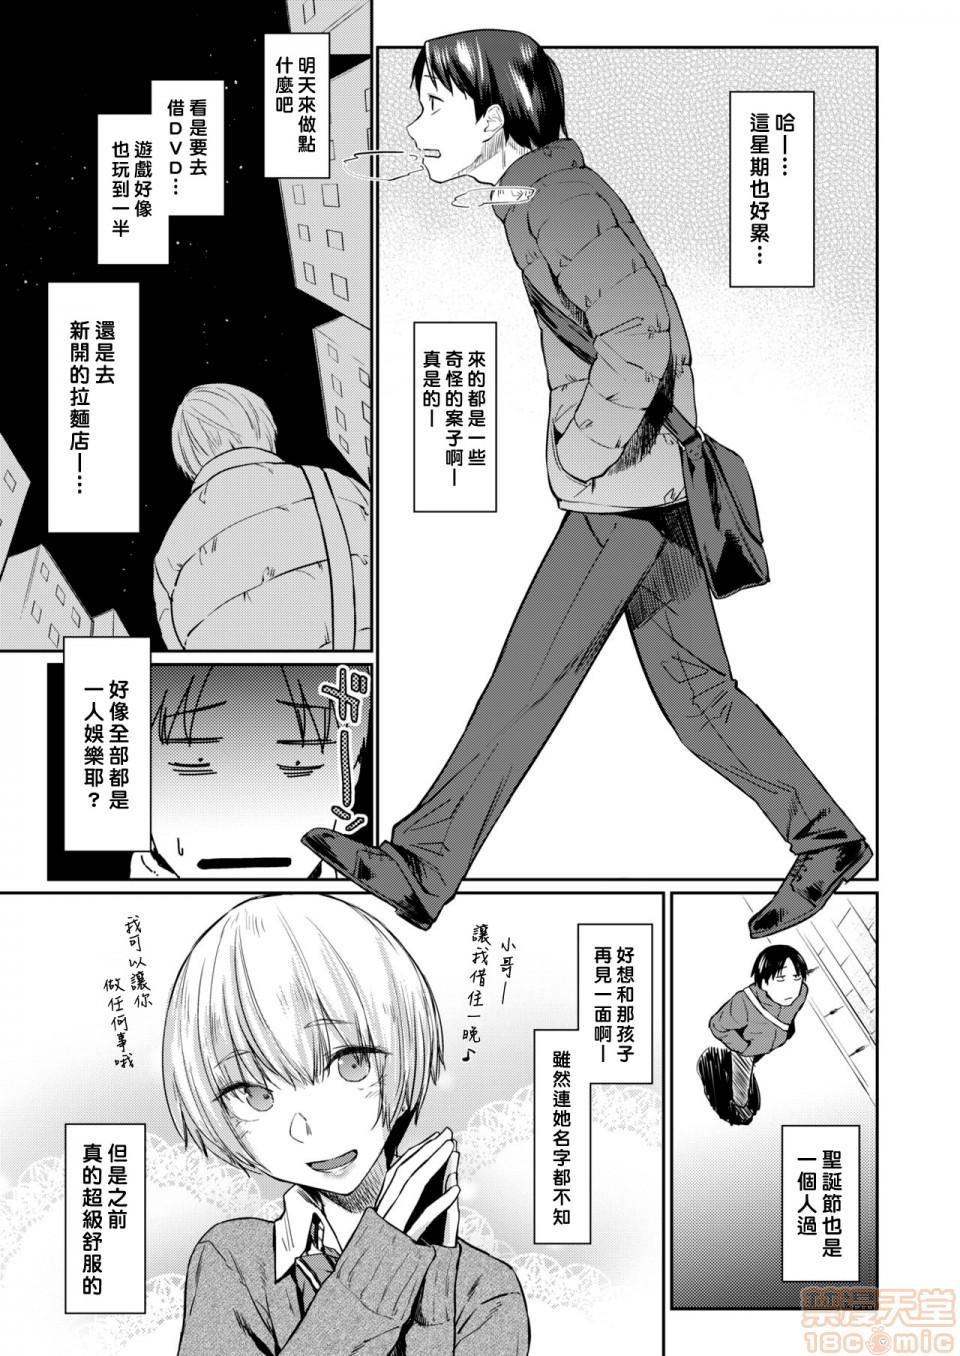 [最愛大屁屁x漢化組漢化組] [えーすけ] シルエット 2x2 (COMIC快楽天 2019年3月號) - 情色卡漫 -